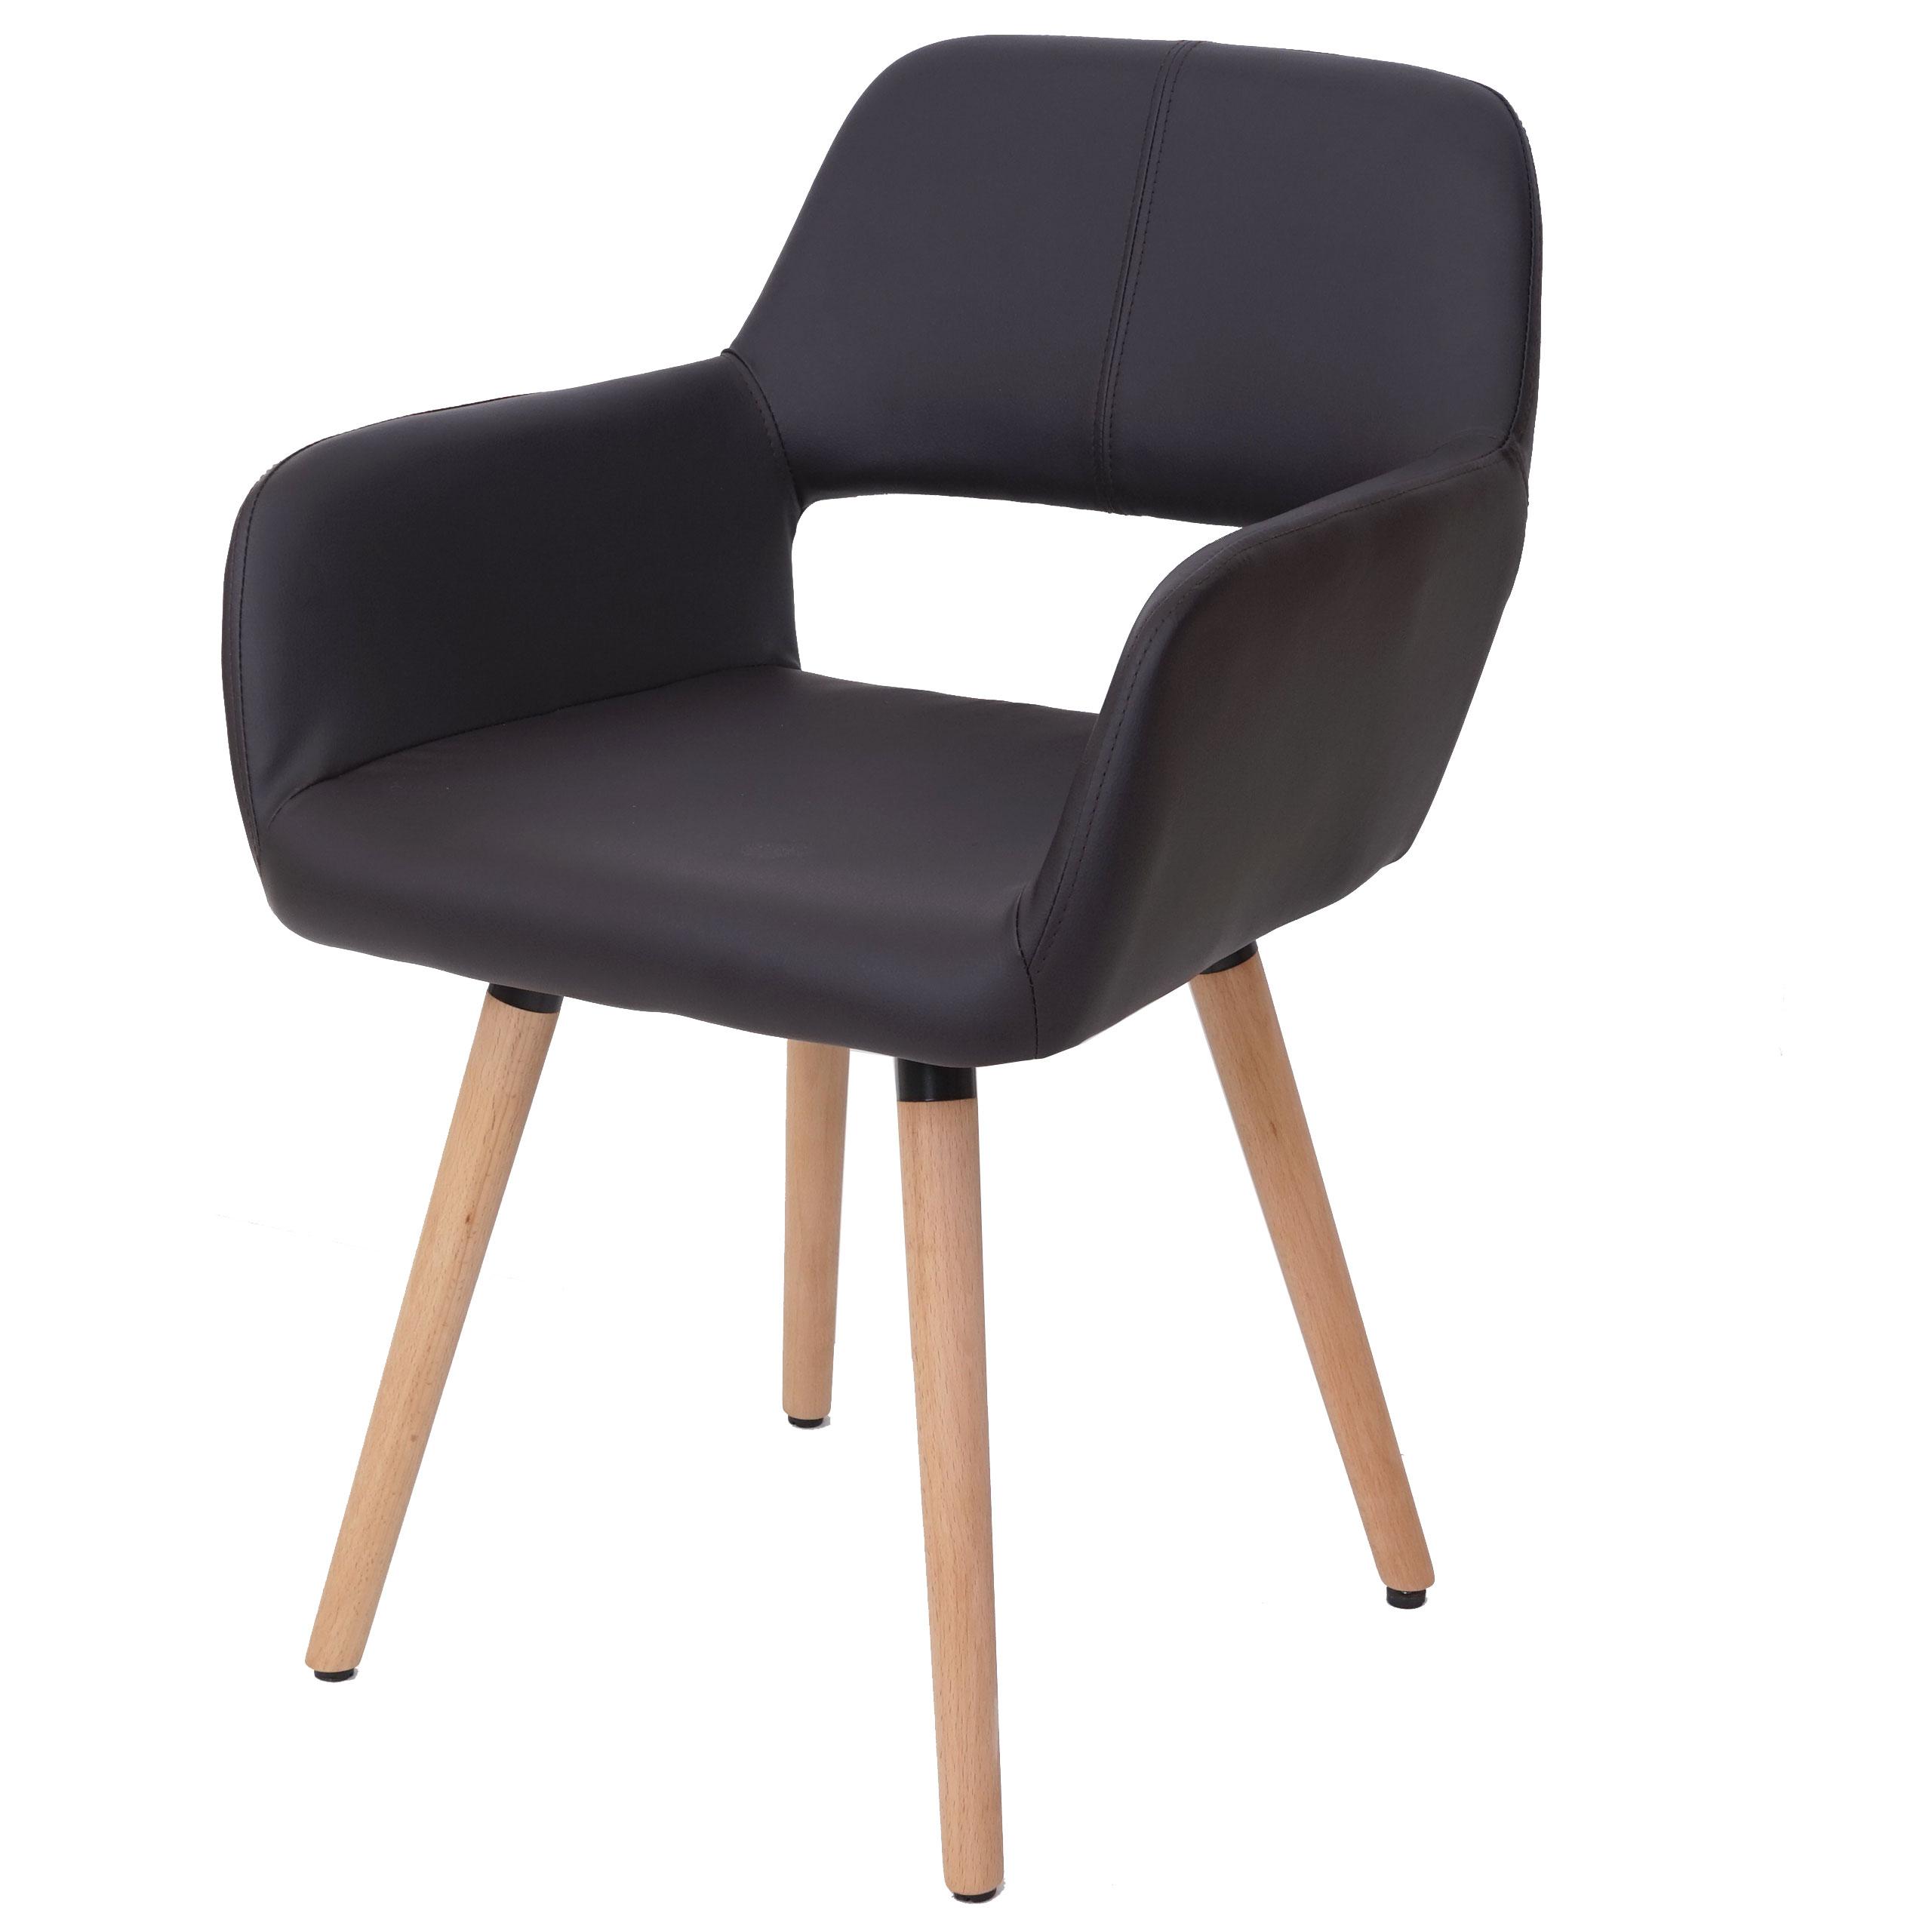 esszimmerstuhl hwc a50 stuhl lehnstuhl retro 50er jahre design ebay. Black Bedroom Furniture Sets. Home Design Ideas